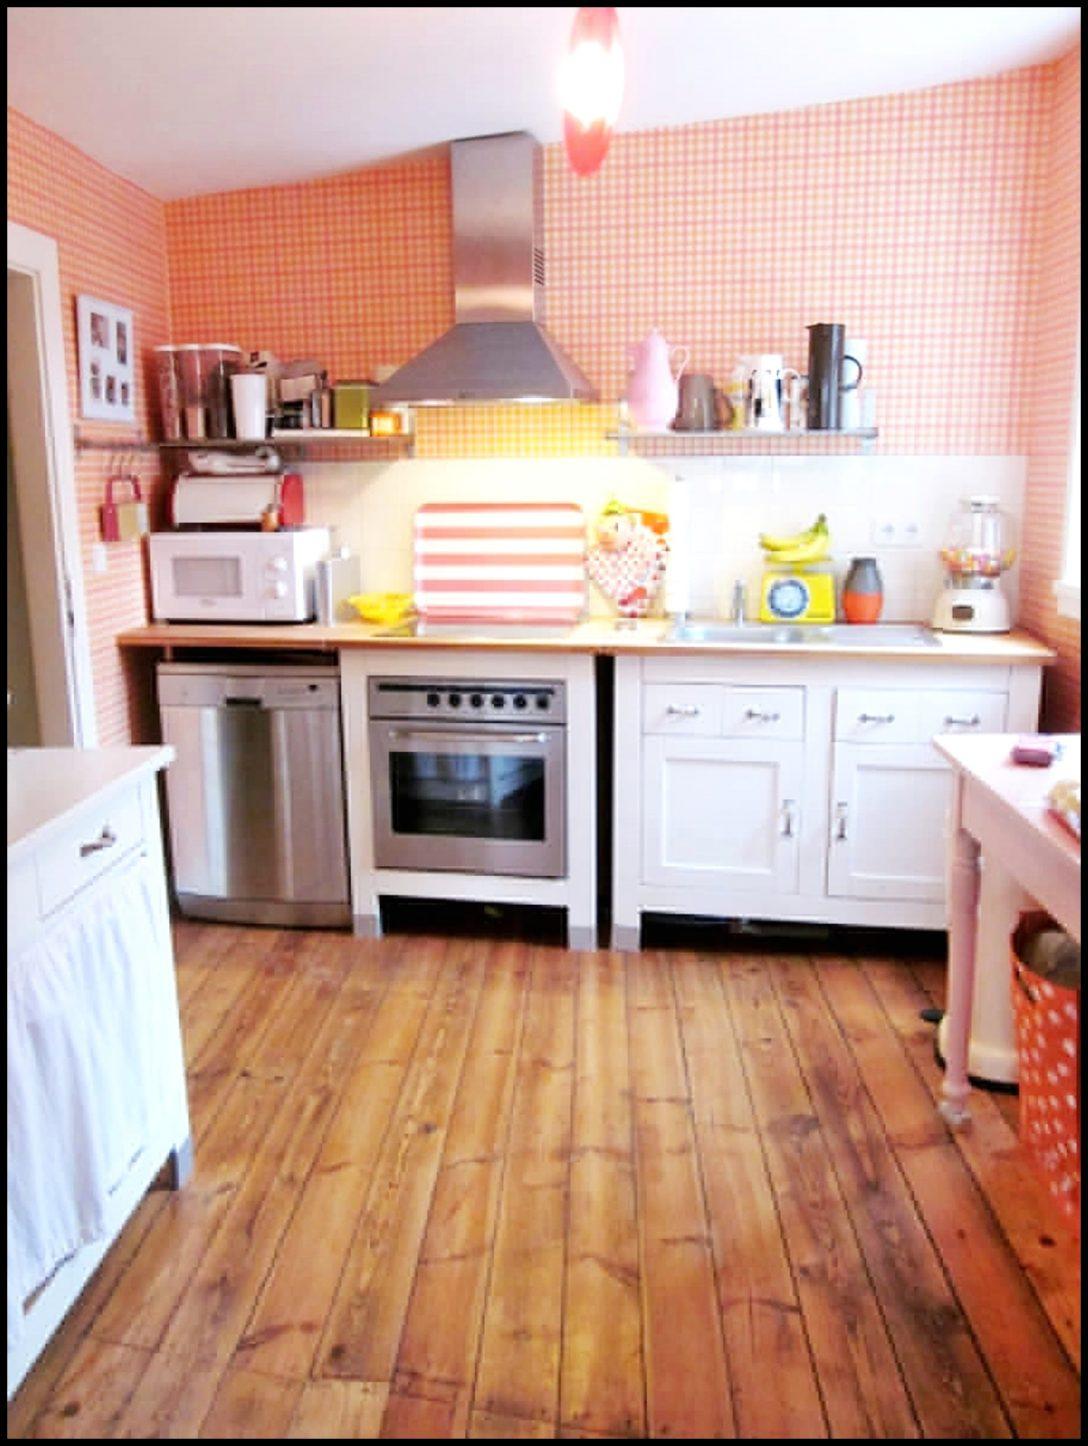 Full Size of Schwarze Küche Bodengleiche Dusche Einbauen Pendeltür Hängeschränke Eckunterschrank Eckküche Mit Elektrogeräten Holzküche Kleine Einbauküche Wohnzimmer Küche Selber Bauen